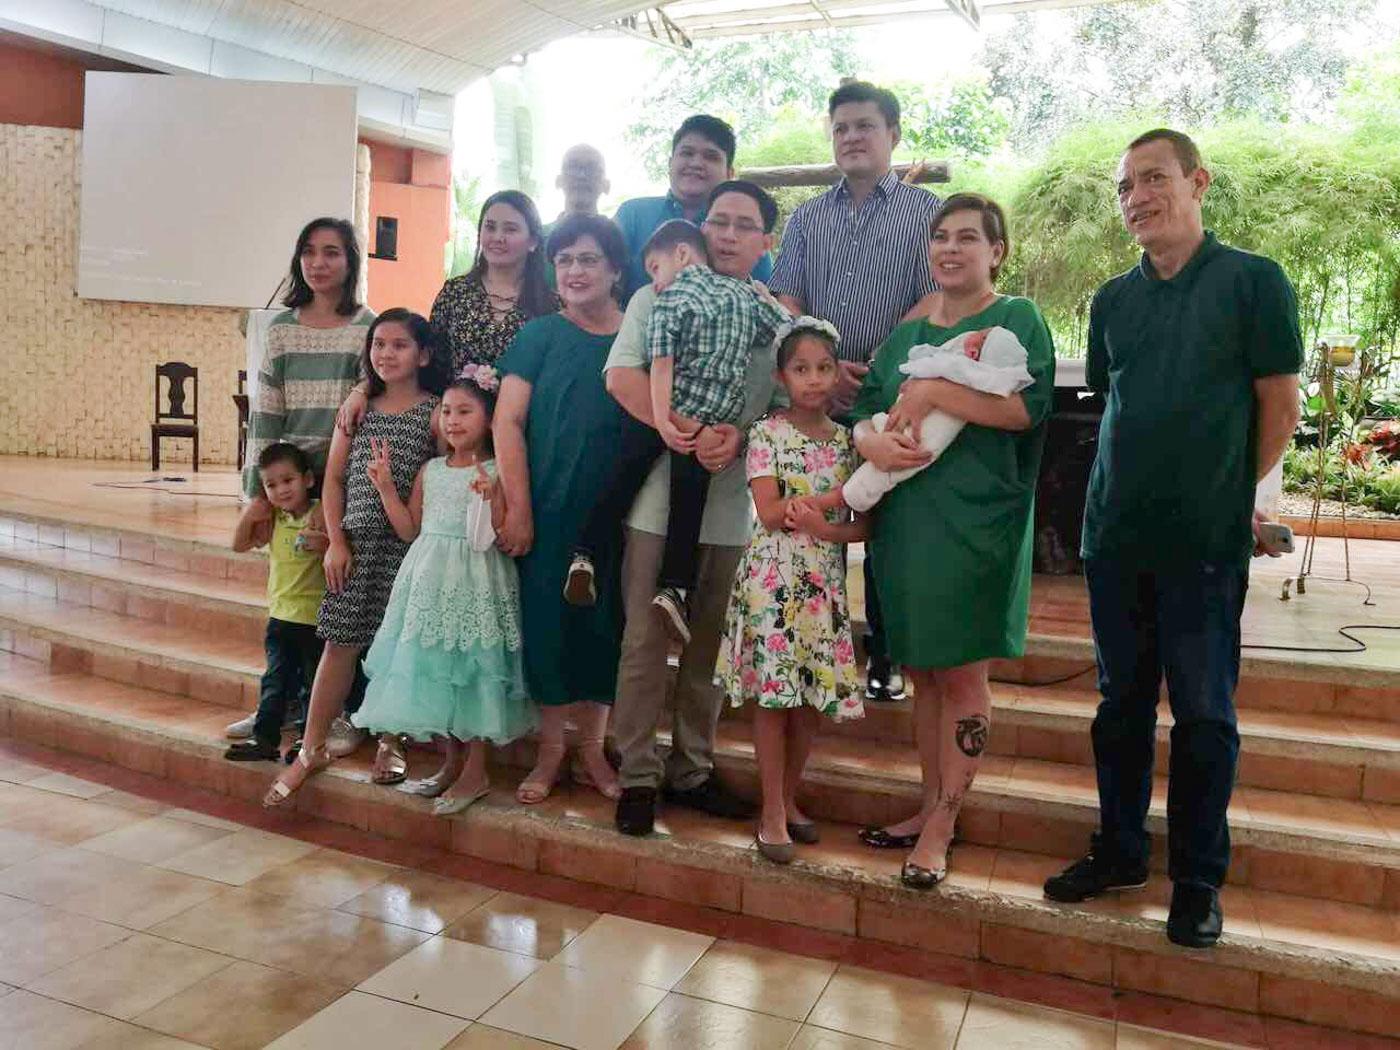 DUTERTE FAMILY. President Rodrigo Duterte's former wife Elizabeth Zimmerman poses with her children and grandchildren. Photo from Jefry Tupas/Davao CIO